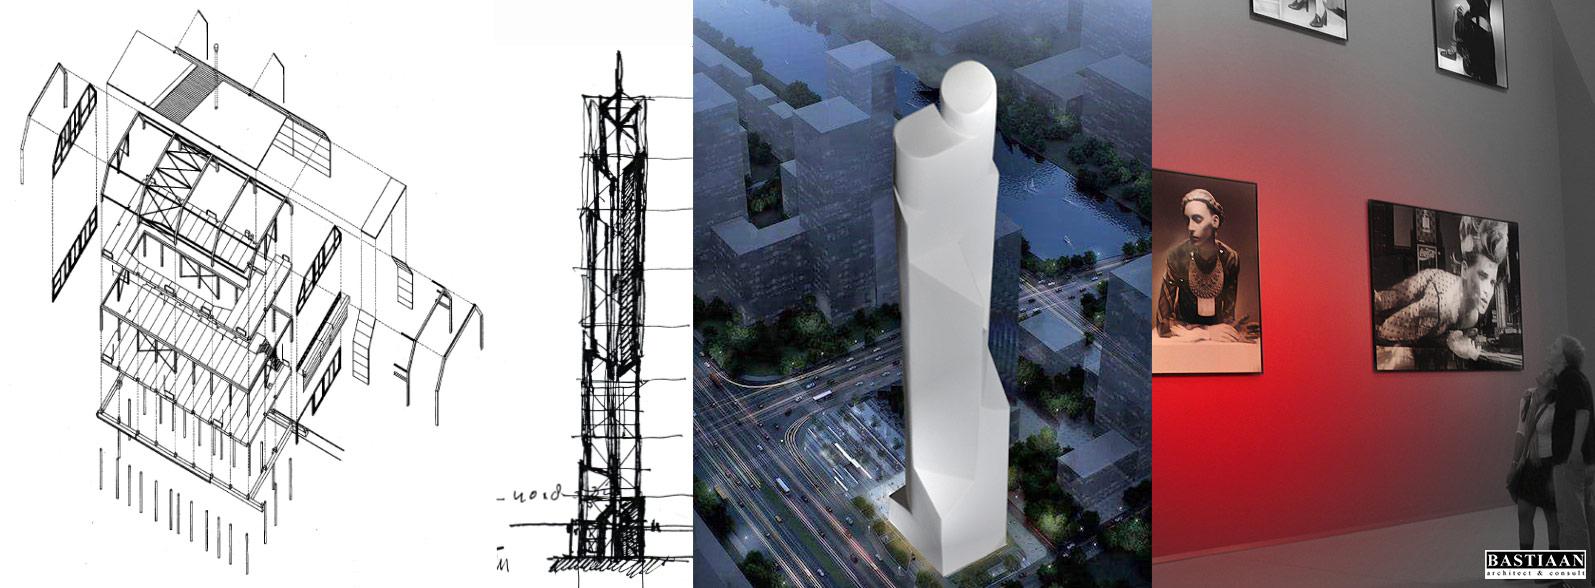 combinatie gebouwarchitectuur | cultuur | utiliteitsbouw